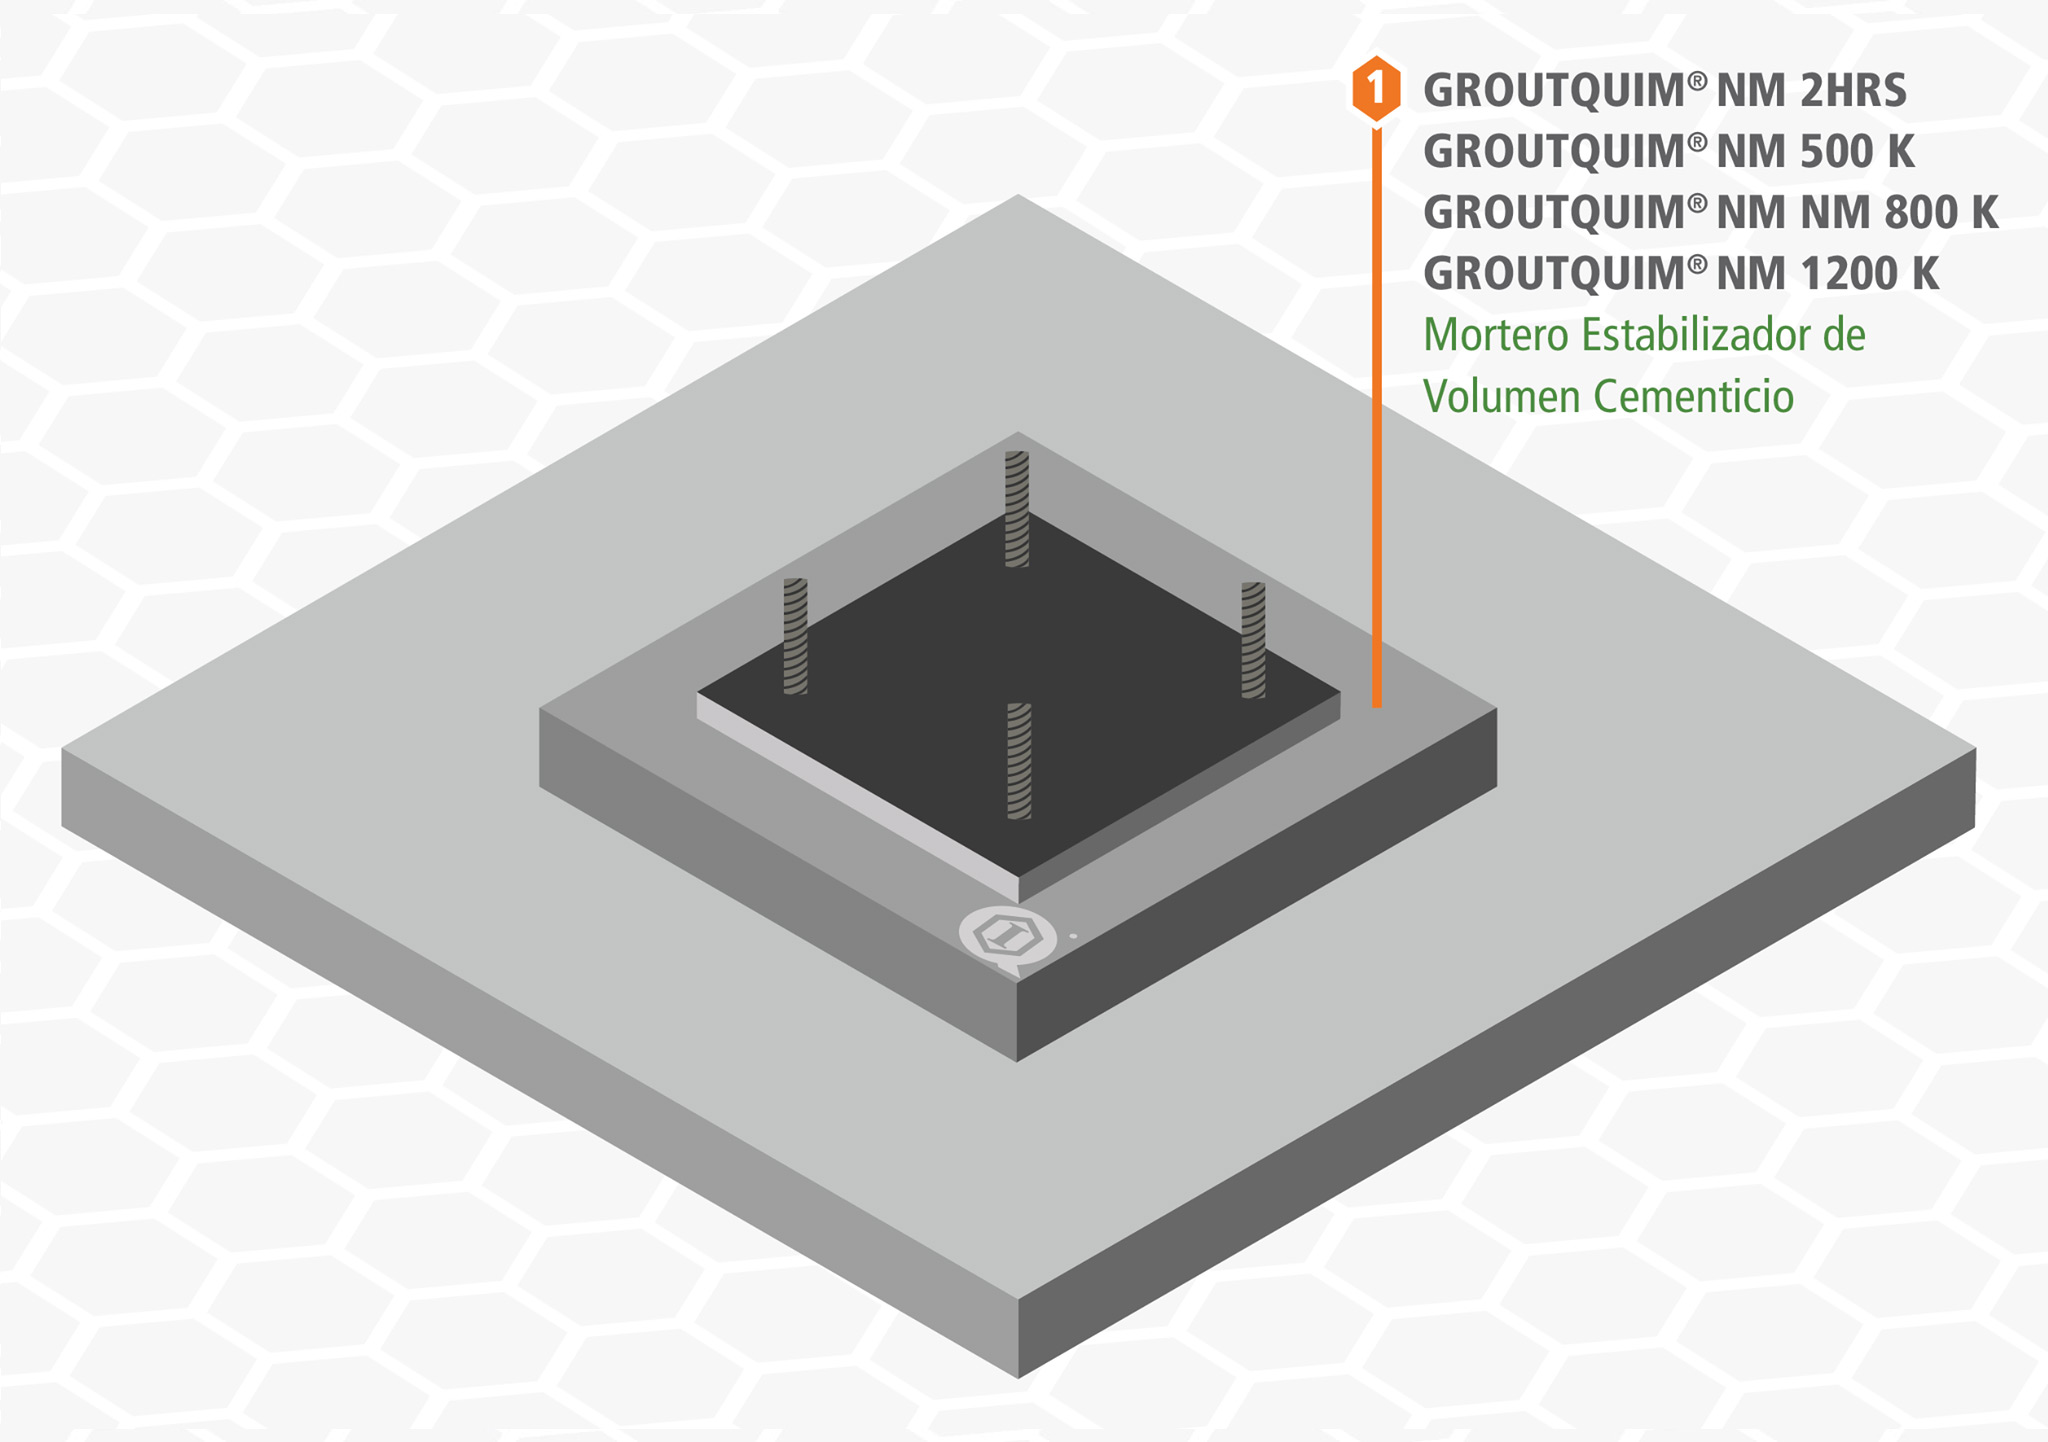 Sistema de rellenos estructurales y anclajes de maquinaria